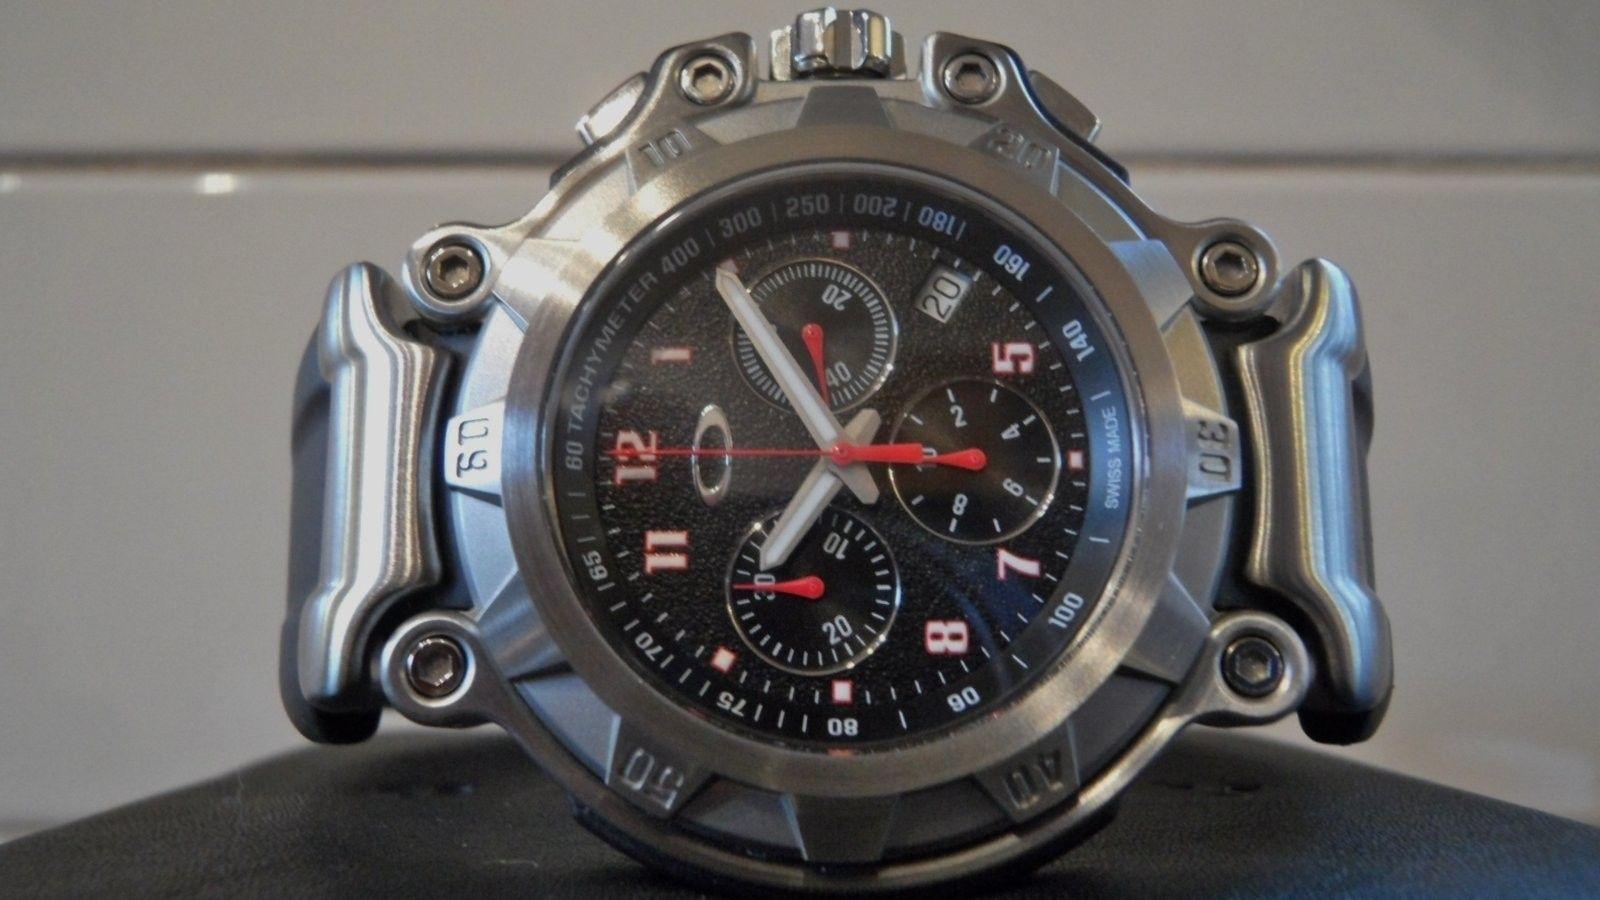 Brand New Crankcase Watch Stainless Steel/Black with Unobtanium - SAM_0011.JPG